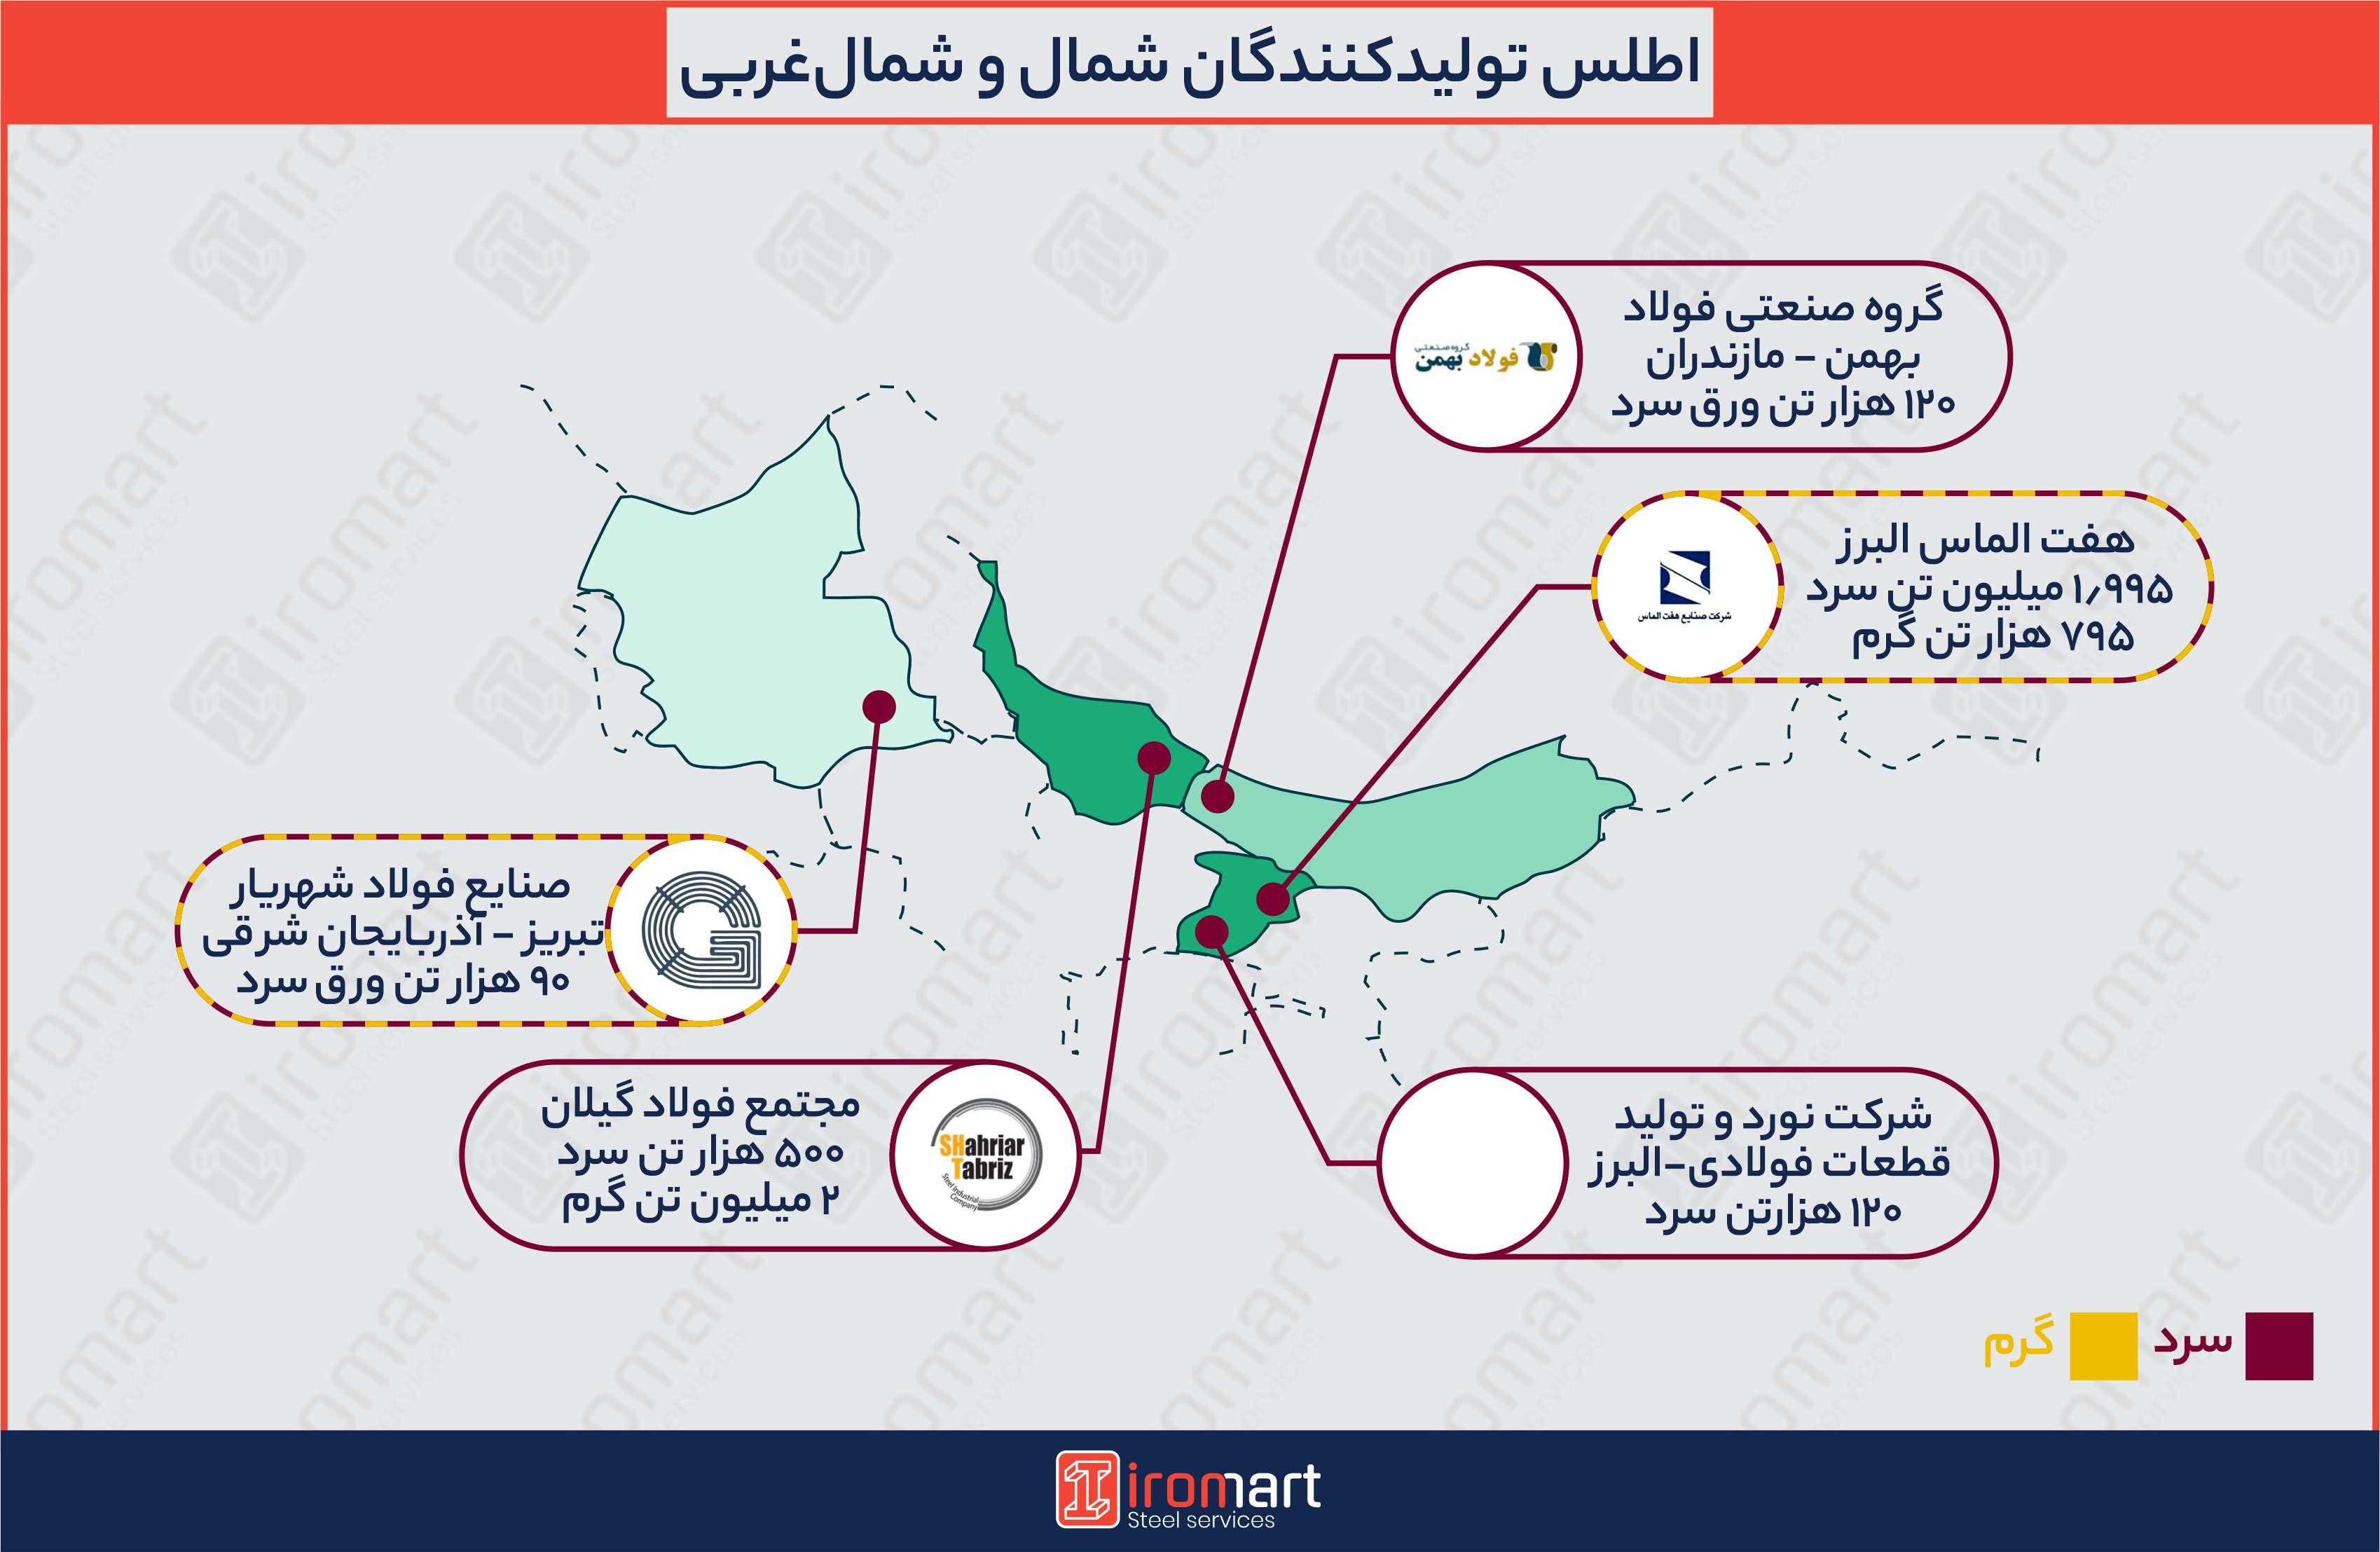 تولیدکنندگان ورق فولادی در شمال و شمال غربی ایران